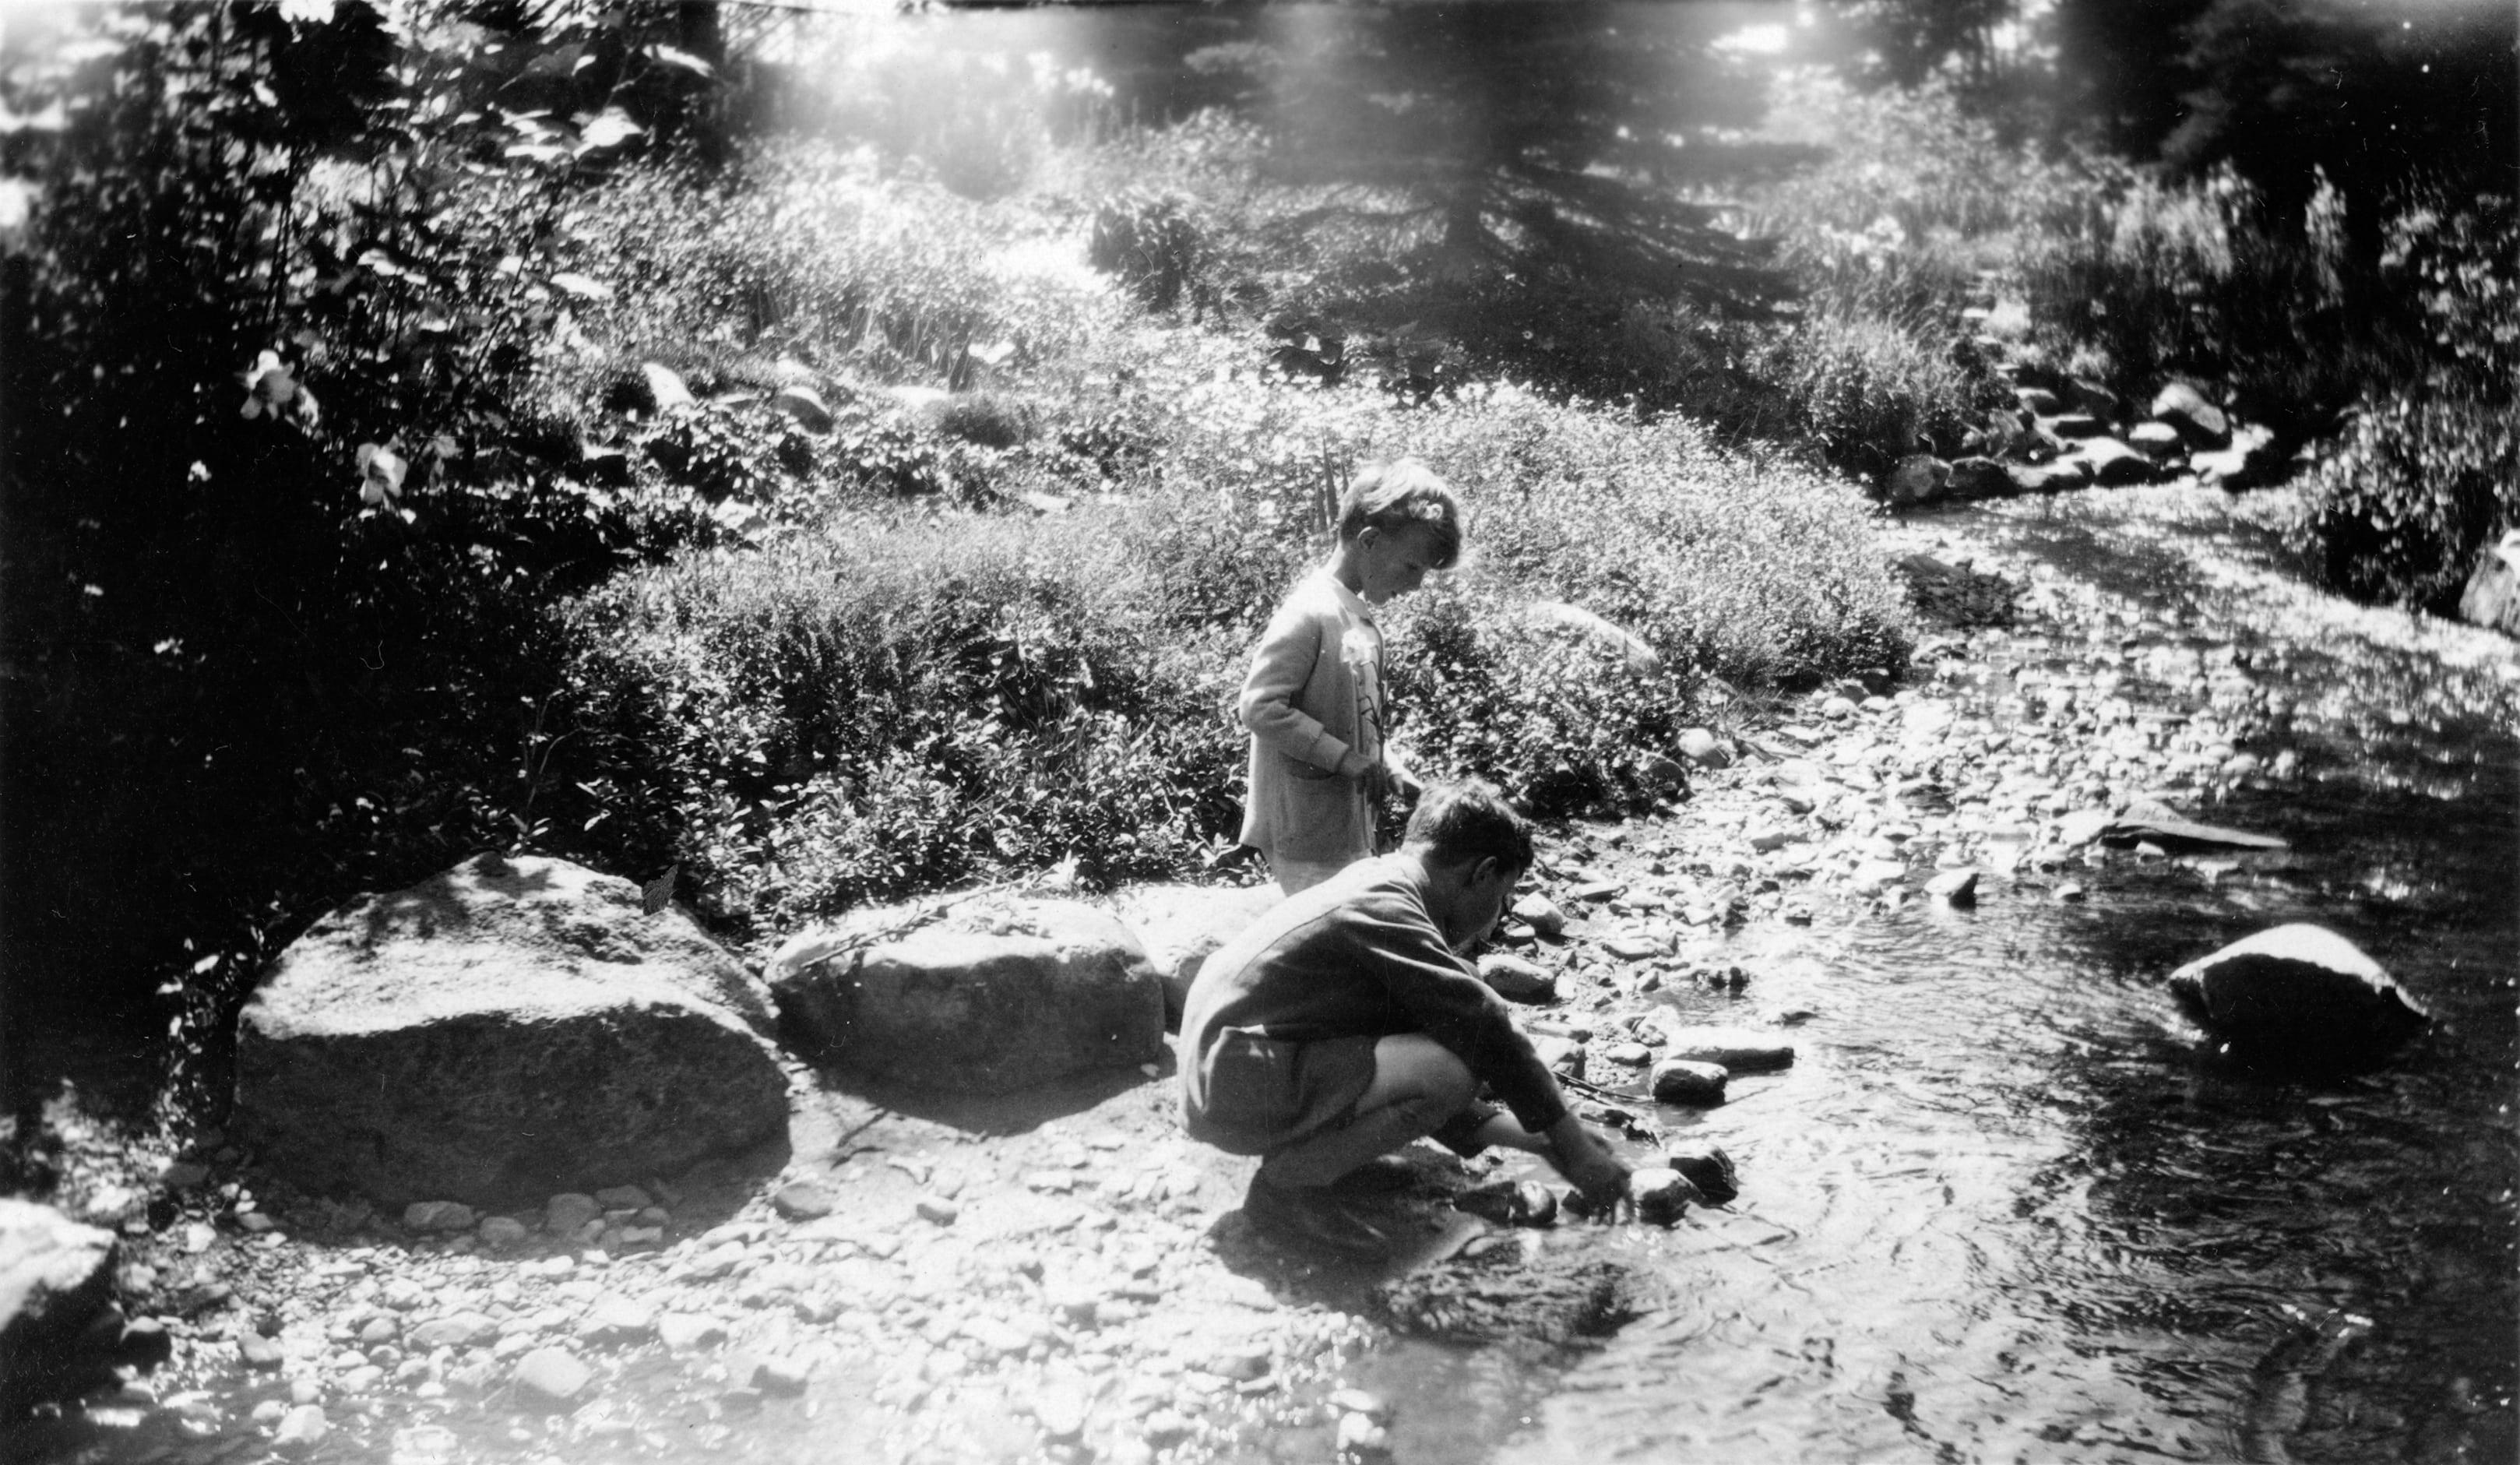 Deux enfants jouent dans un ruisseau, qui serpente dans une forêt luxuriante.